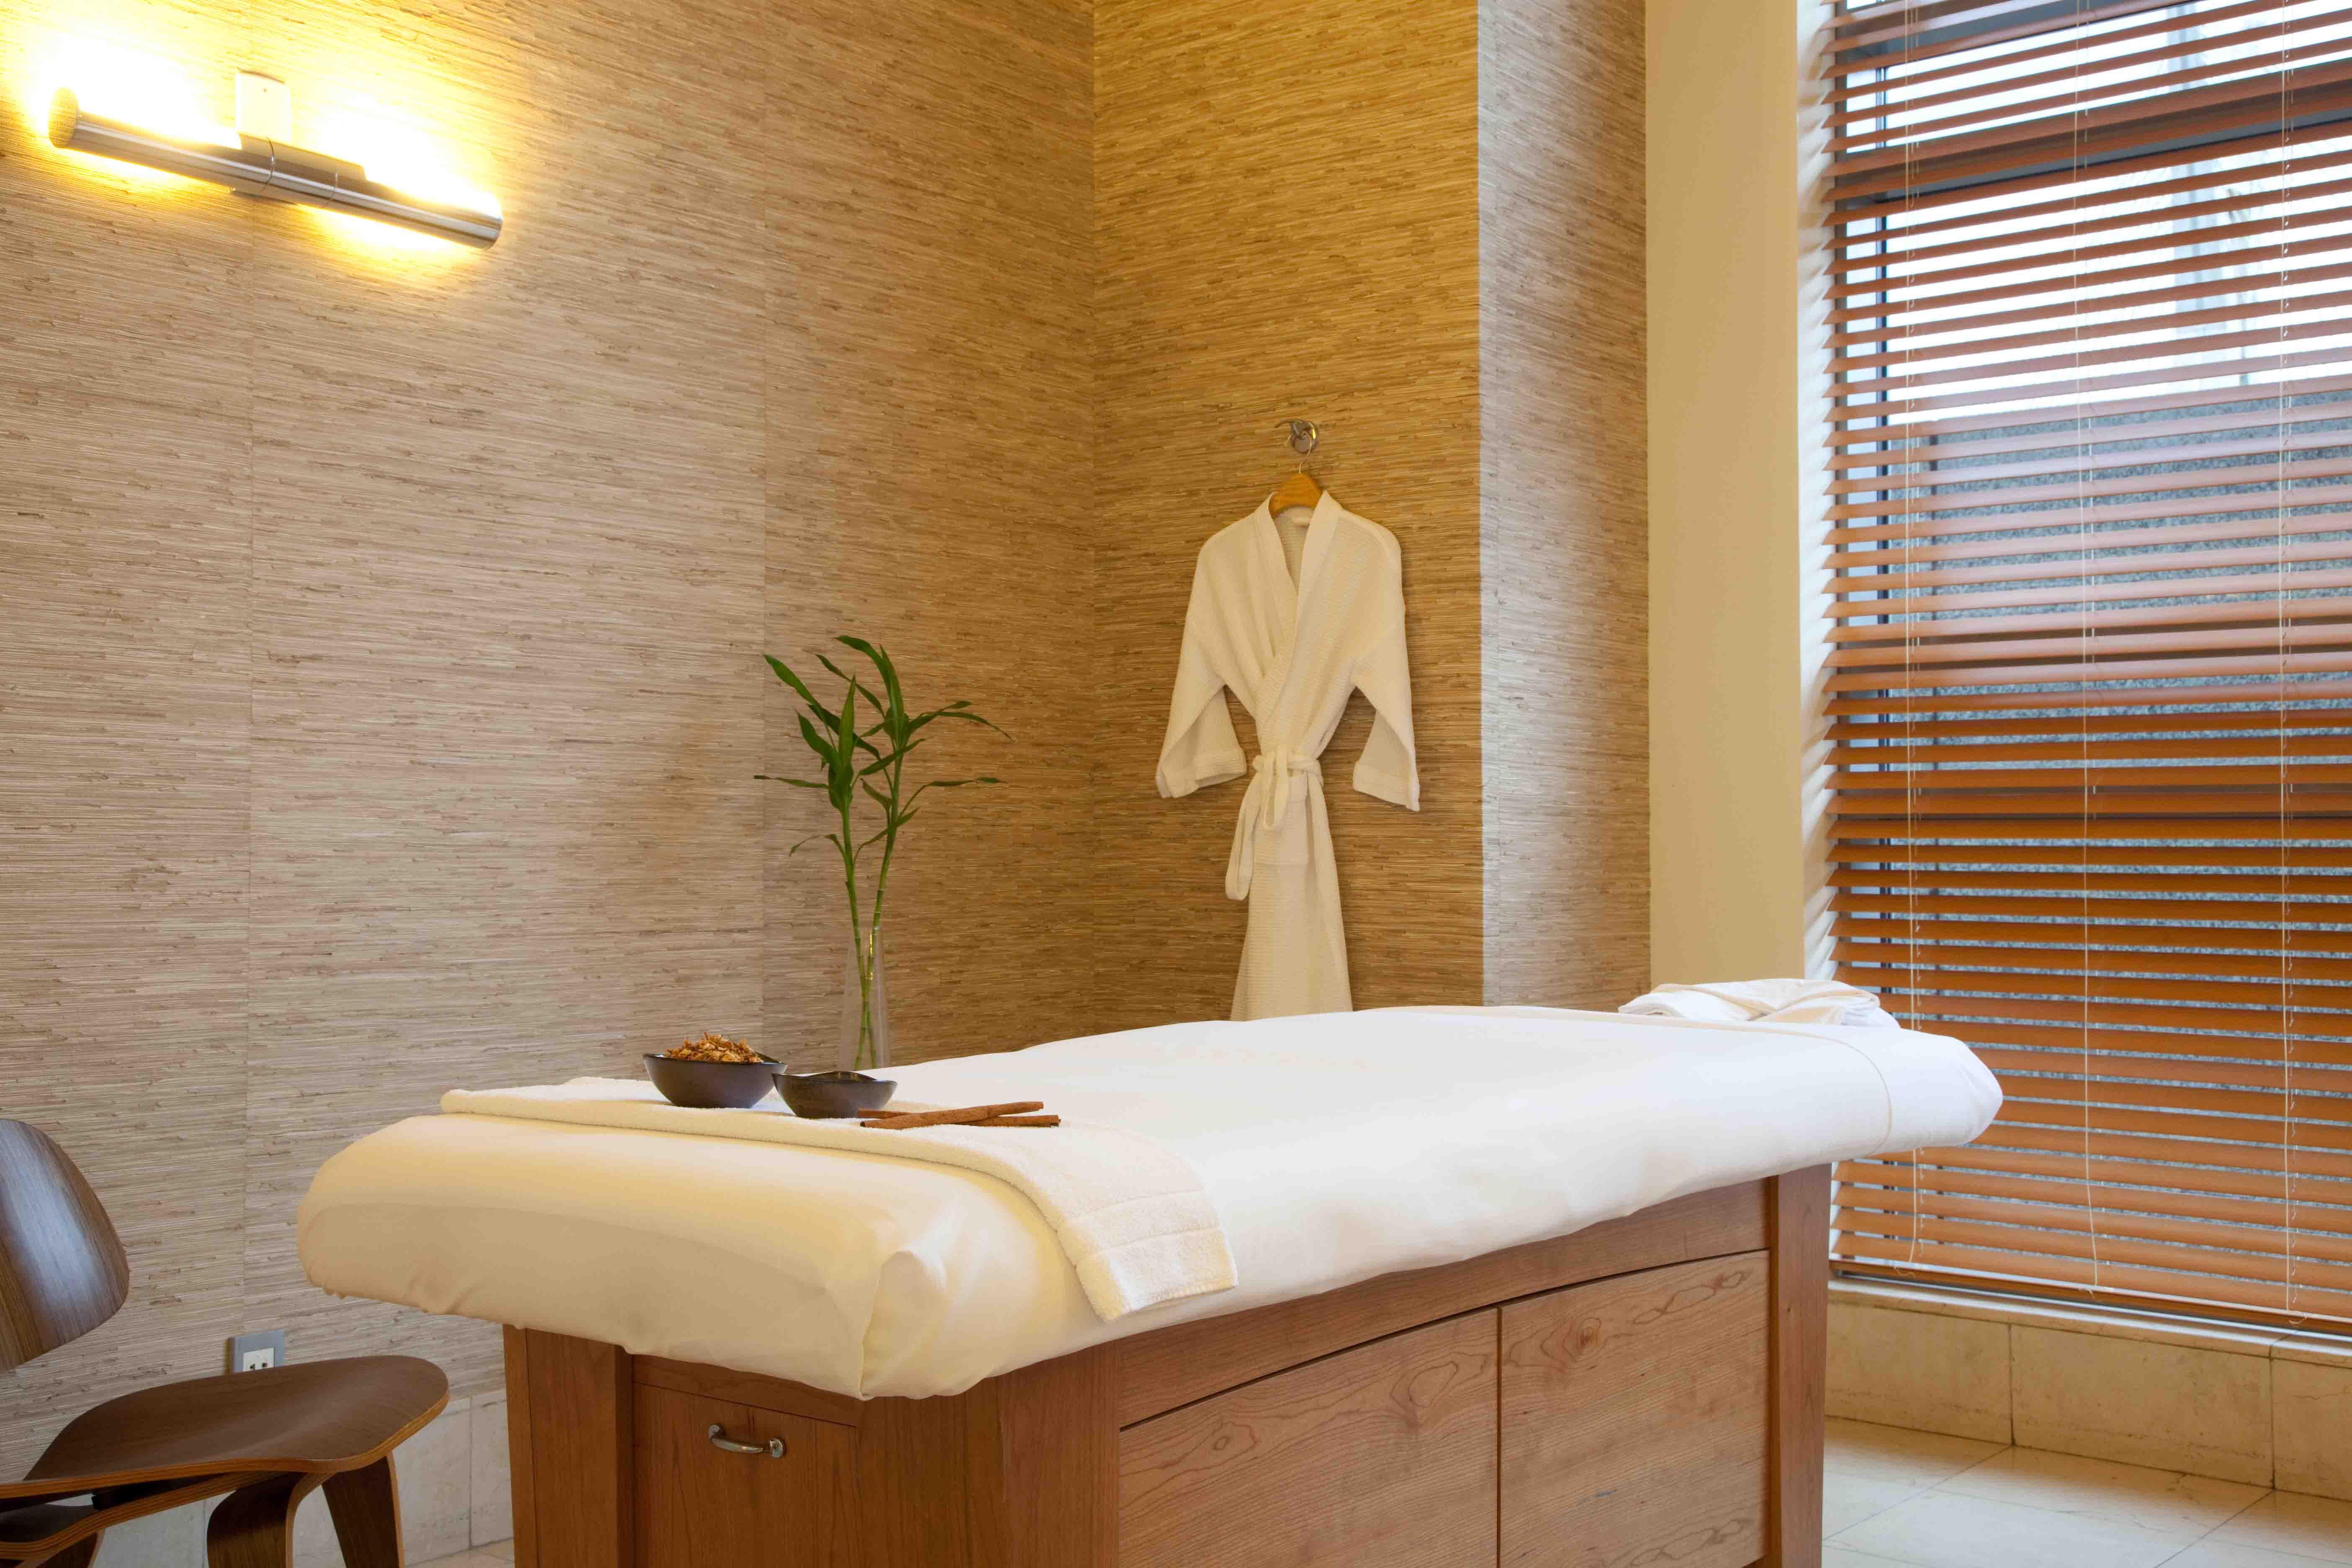 ambiente de spa amanary hyatt